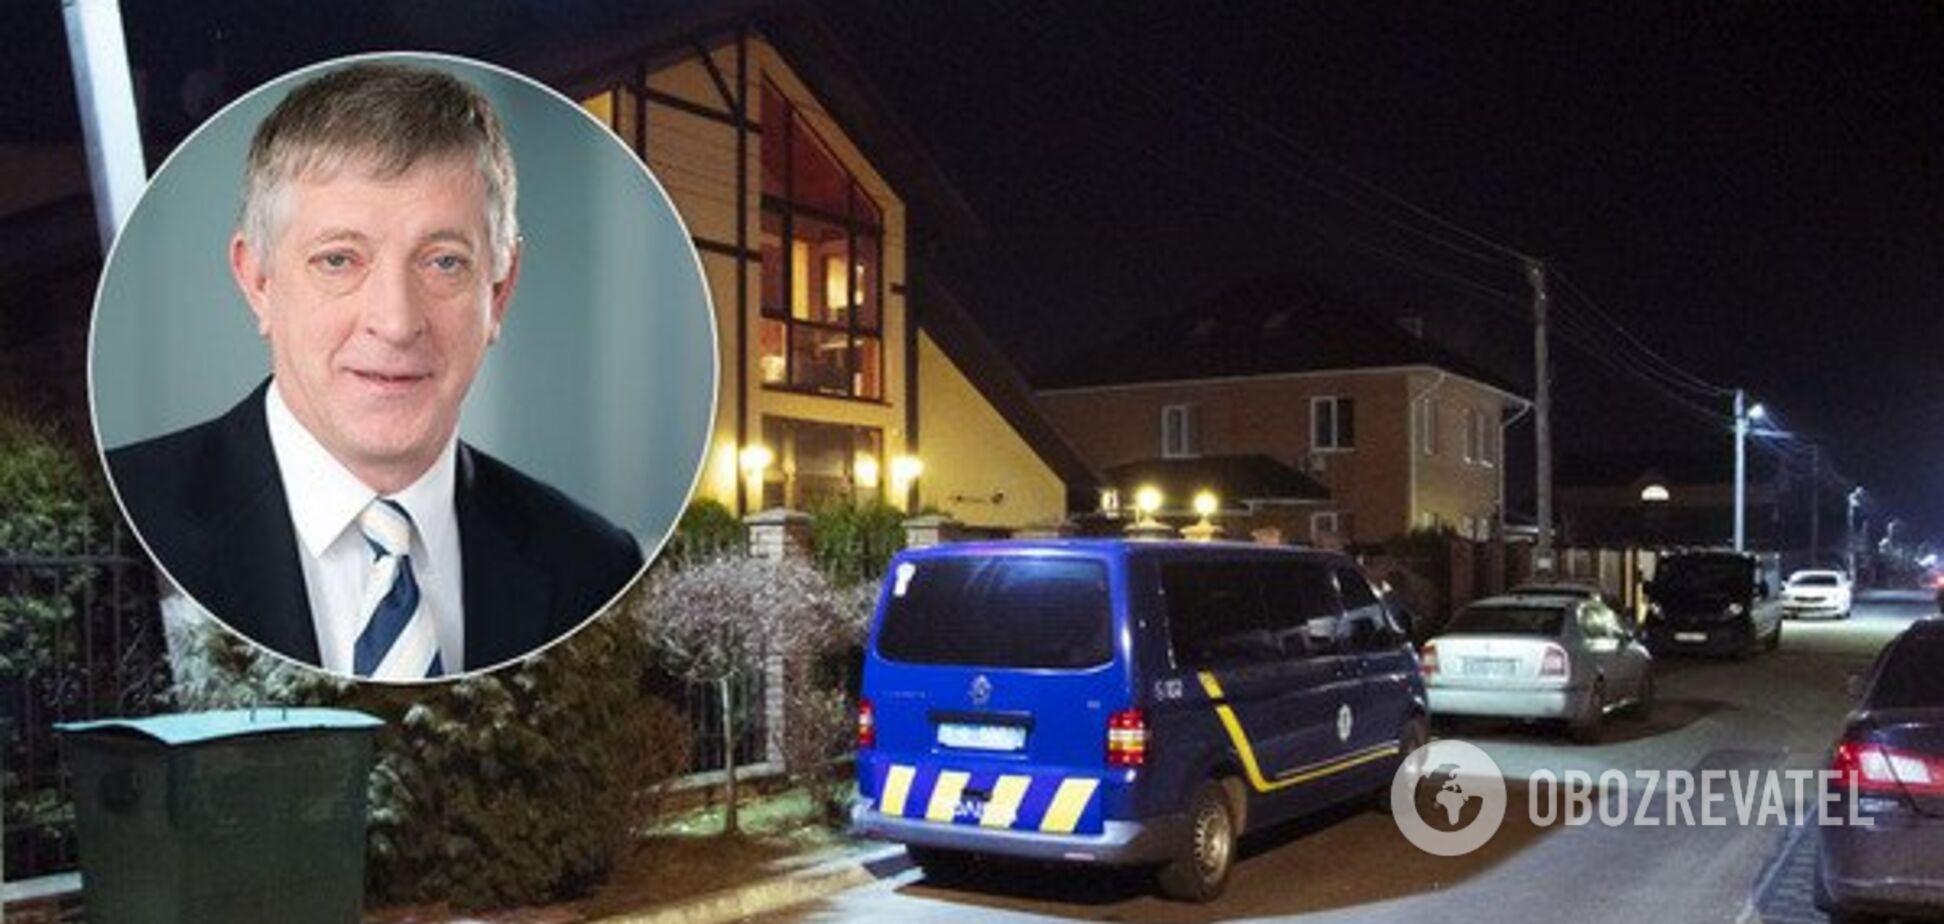 Вбивство в будинку ексміністра Кожари: соратниця Януковича спробувала 'зам'яти' злочин